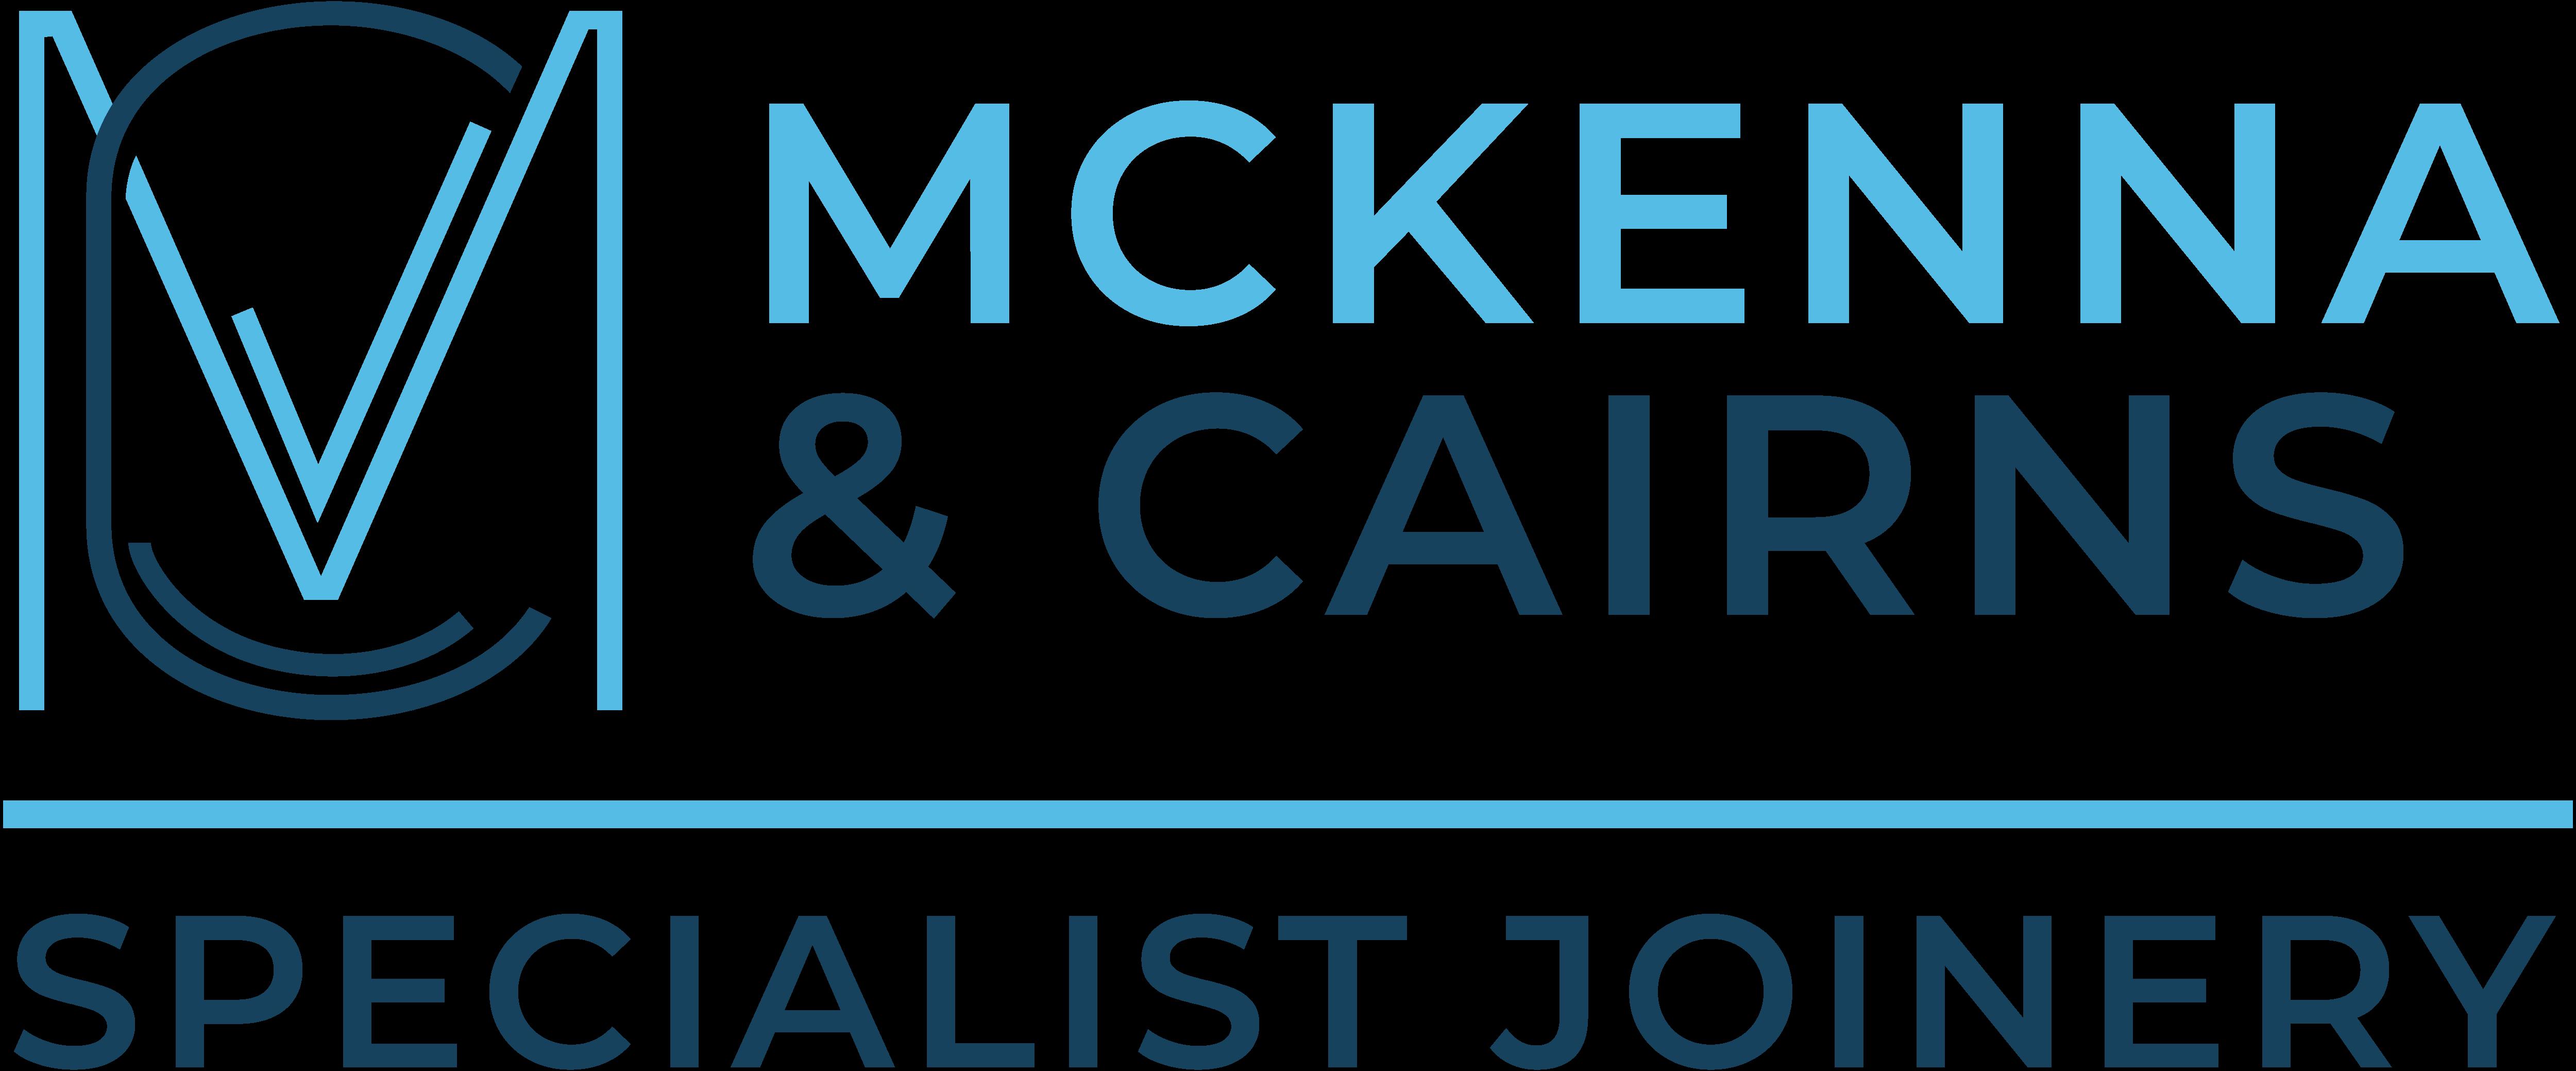 McKenna & Cairns New Website